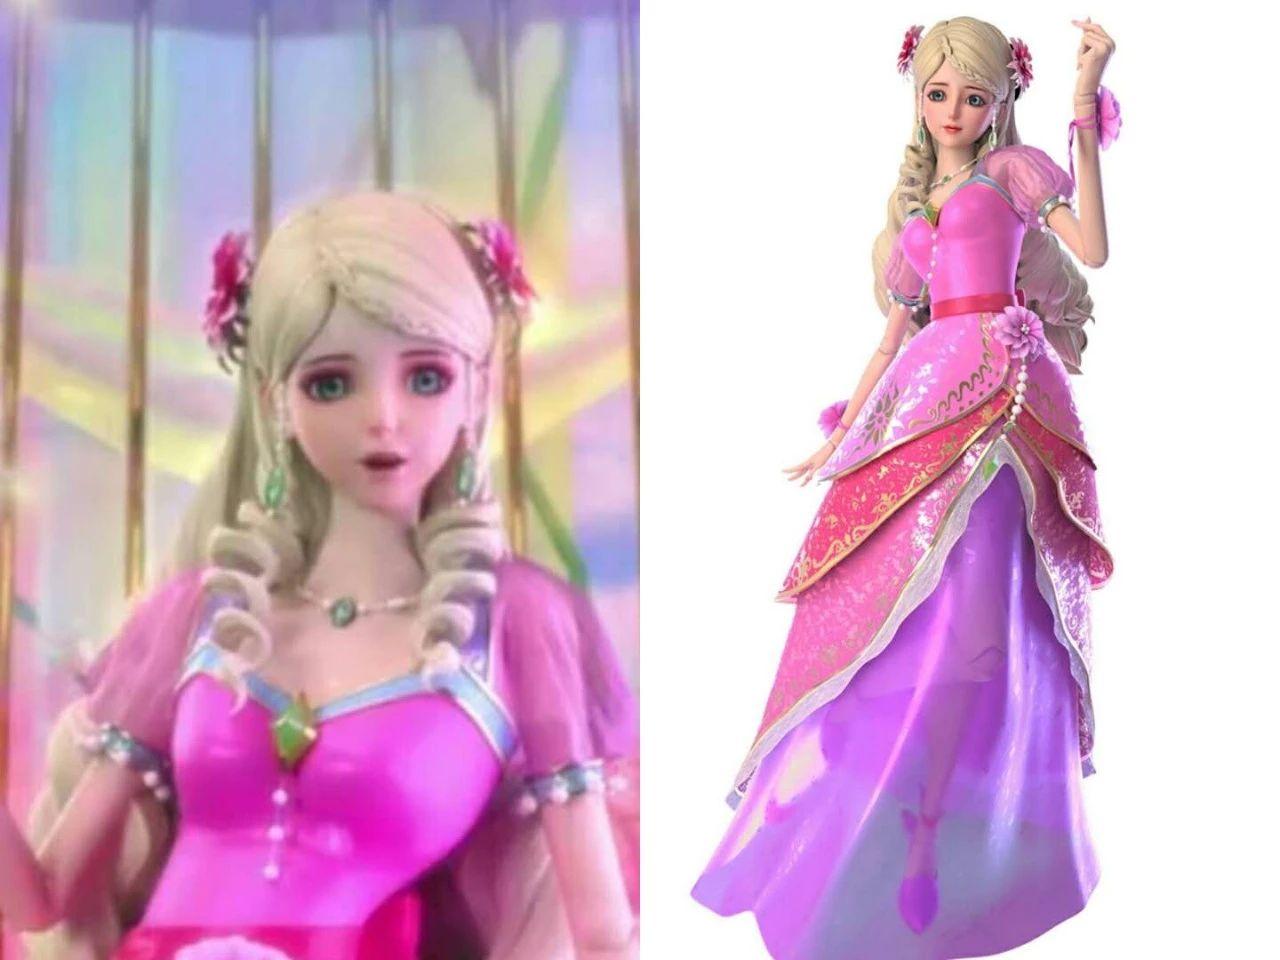 罗丽是仙境的公主,也是《叶罗丽》的公主,因为不管在哪个角落都能图片